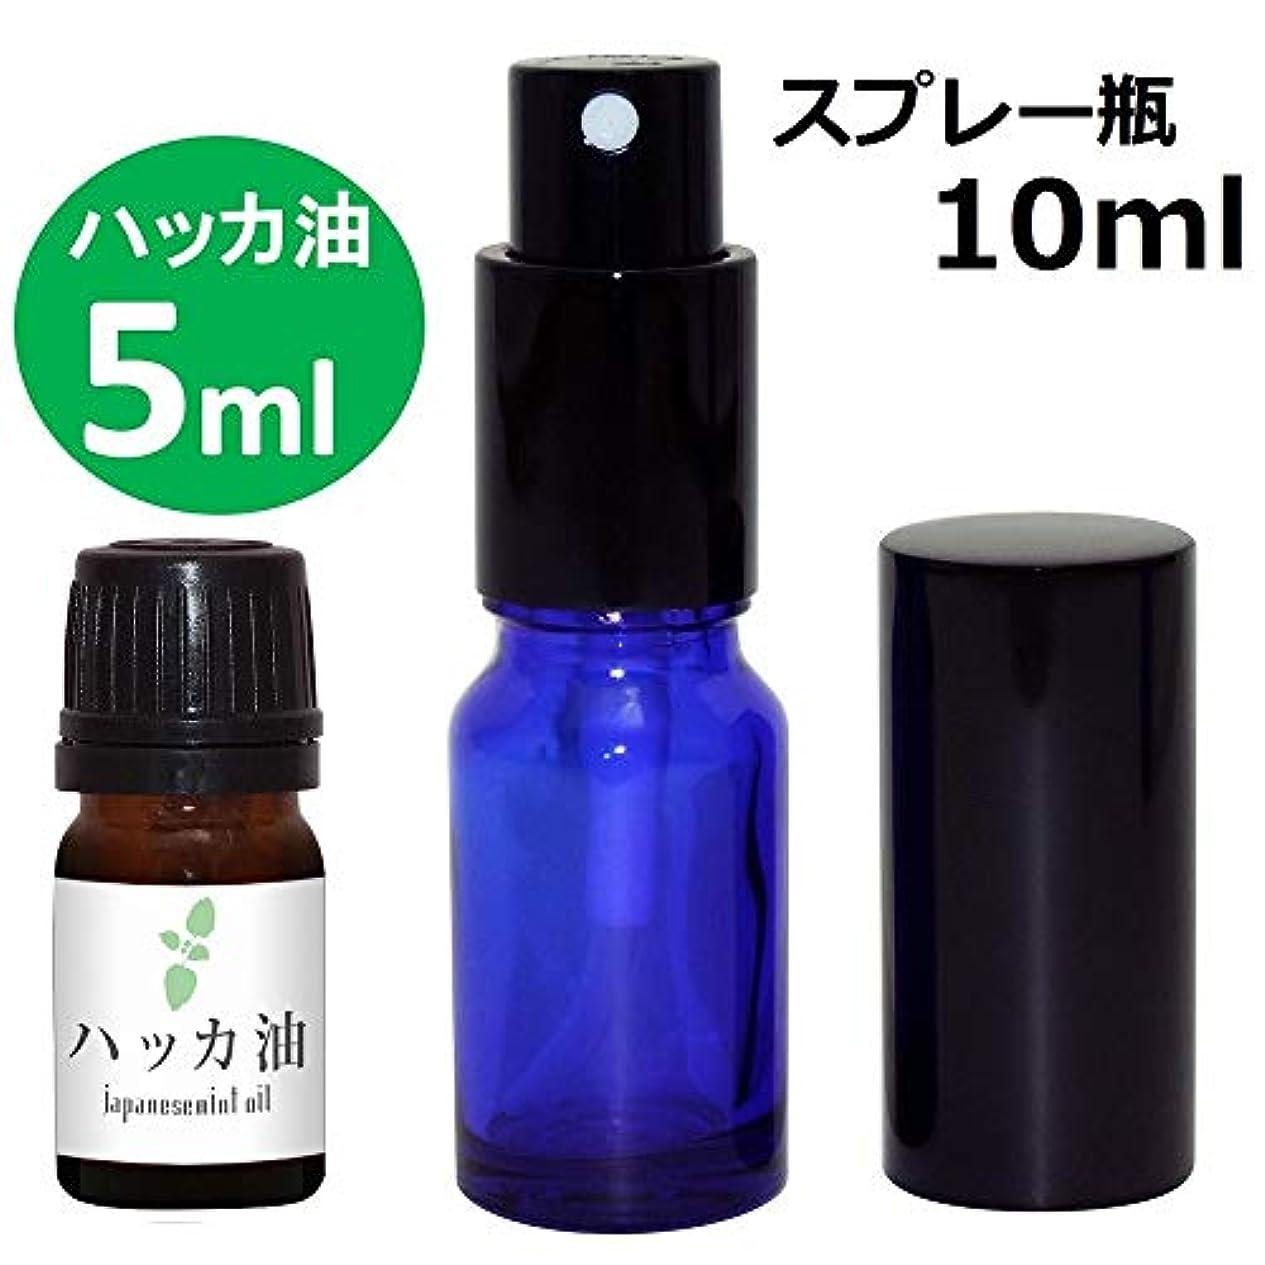 シャイサイレン申請者ガレージ?ゼロ ハッカ油 5ml(GZAK11)+ガラス瓶 スプレーボトル10ml/和種薄荷/ジャパニーズミント GSE532